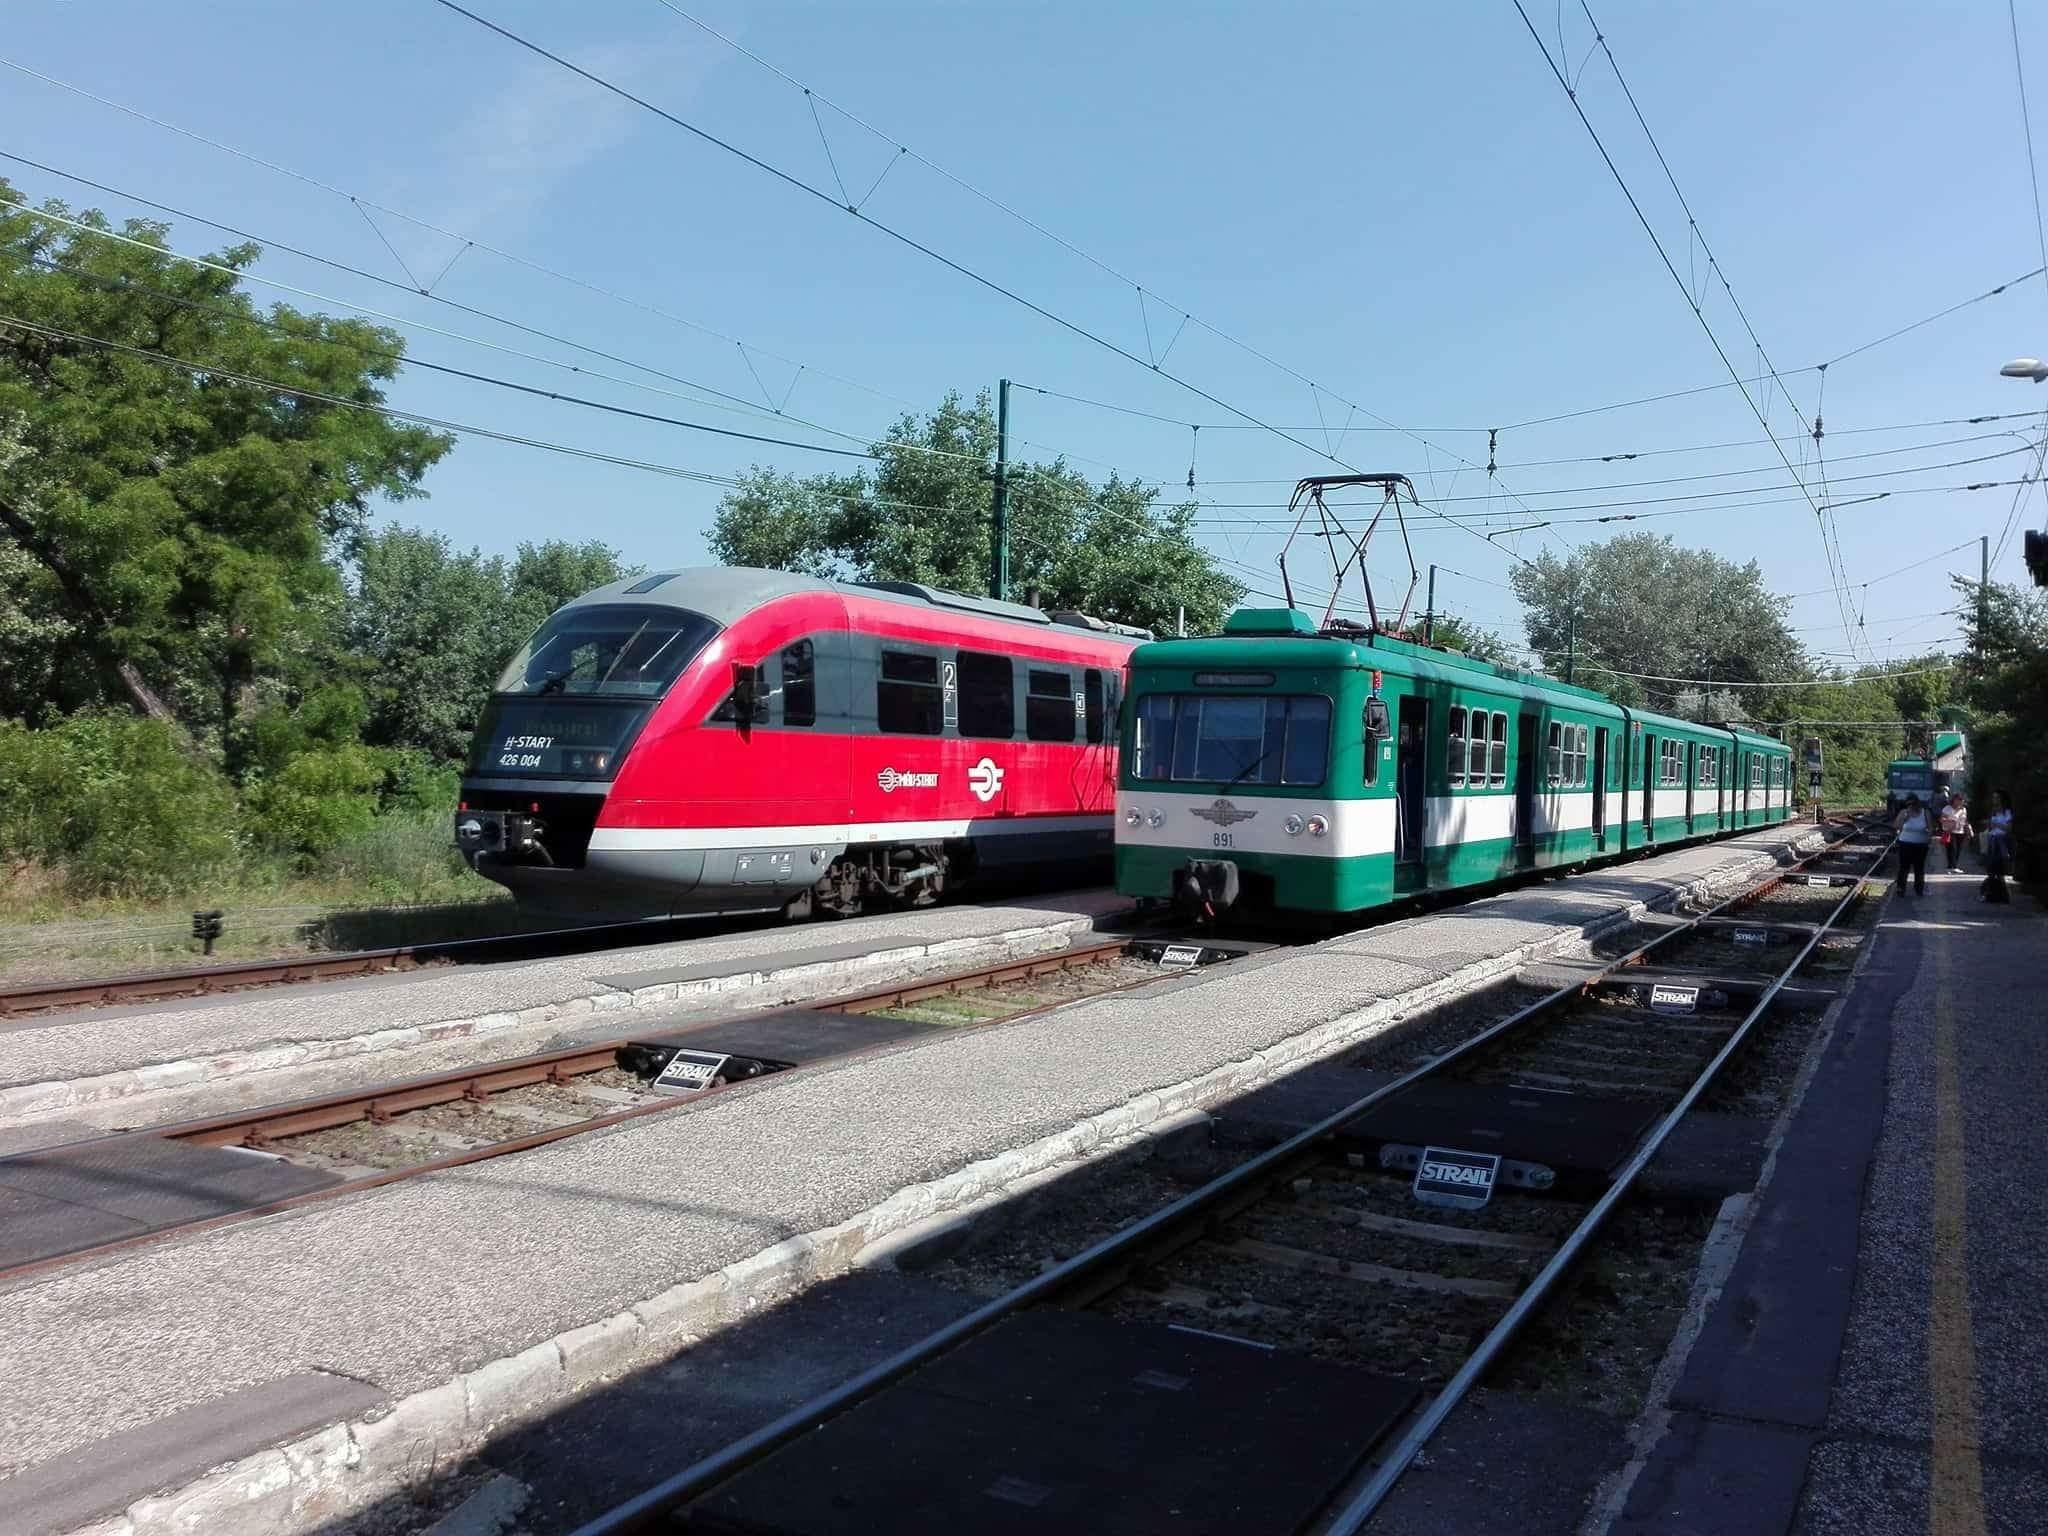 Június 4-től Desiro motorvonatok segítik a HÉV-közlekedést a H6-os (ráckevei) vonalon